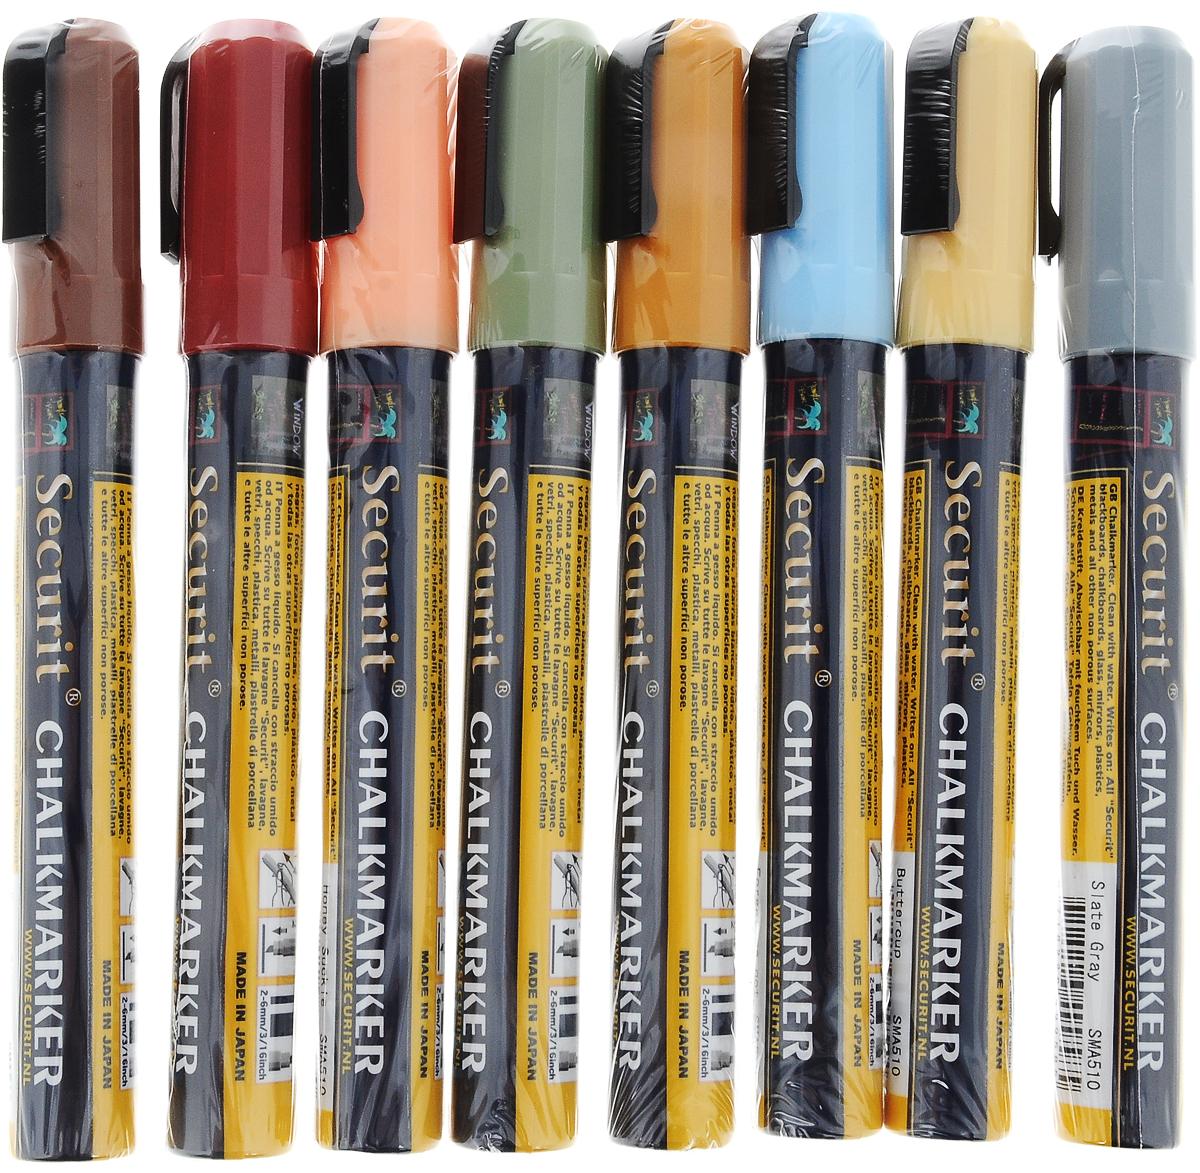 Маркеры для сообщений Securit, 8 штSMA510-V8-ETМаркеры для сообщений Securit - это набор из 8 меловых маркеров цвета зеленого мха, коричневого, светло-желтого, серого, светло-оранжевого, голубого, вишневого, оранжевого цветов. Меловые маркеры позволяют наносить стираемые надписи на любые непористые поверхности - стекло, зеркала, пластик, металл или специальные покрытия и доски. Теперь вы сможете рисовать, делать заметки и отставлять послания для друзей и близких где угодно. Чтобы смыть надпись, достаточно просто протереть ее мокрой губкой. Толщина линии: 2-6 мм. Длина маркера: 14,5 см.